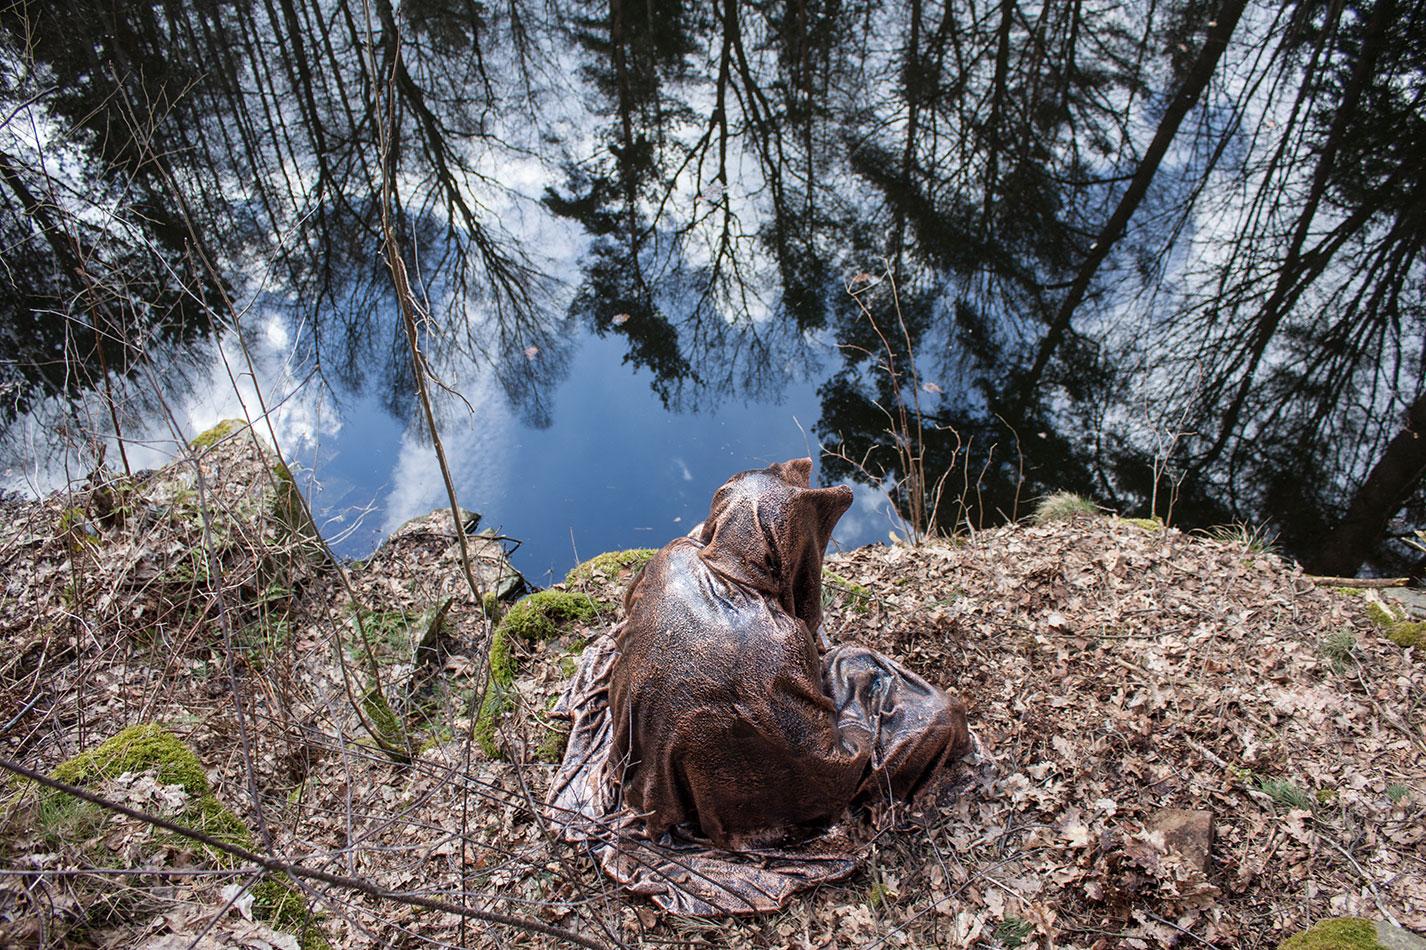 steinbruch-stone-querry-schrems-waldviertel-austria-water-reflection-guardians-of-time-manfred-kielnhofer-8525